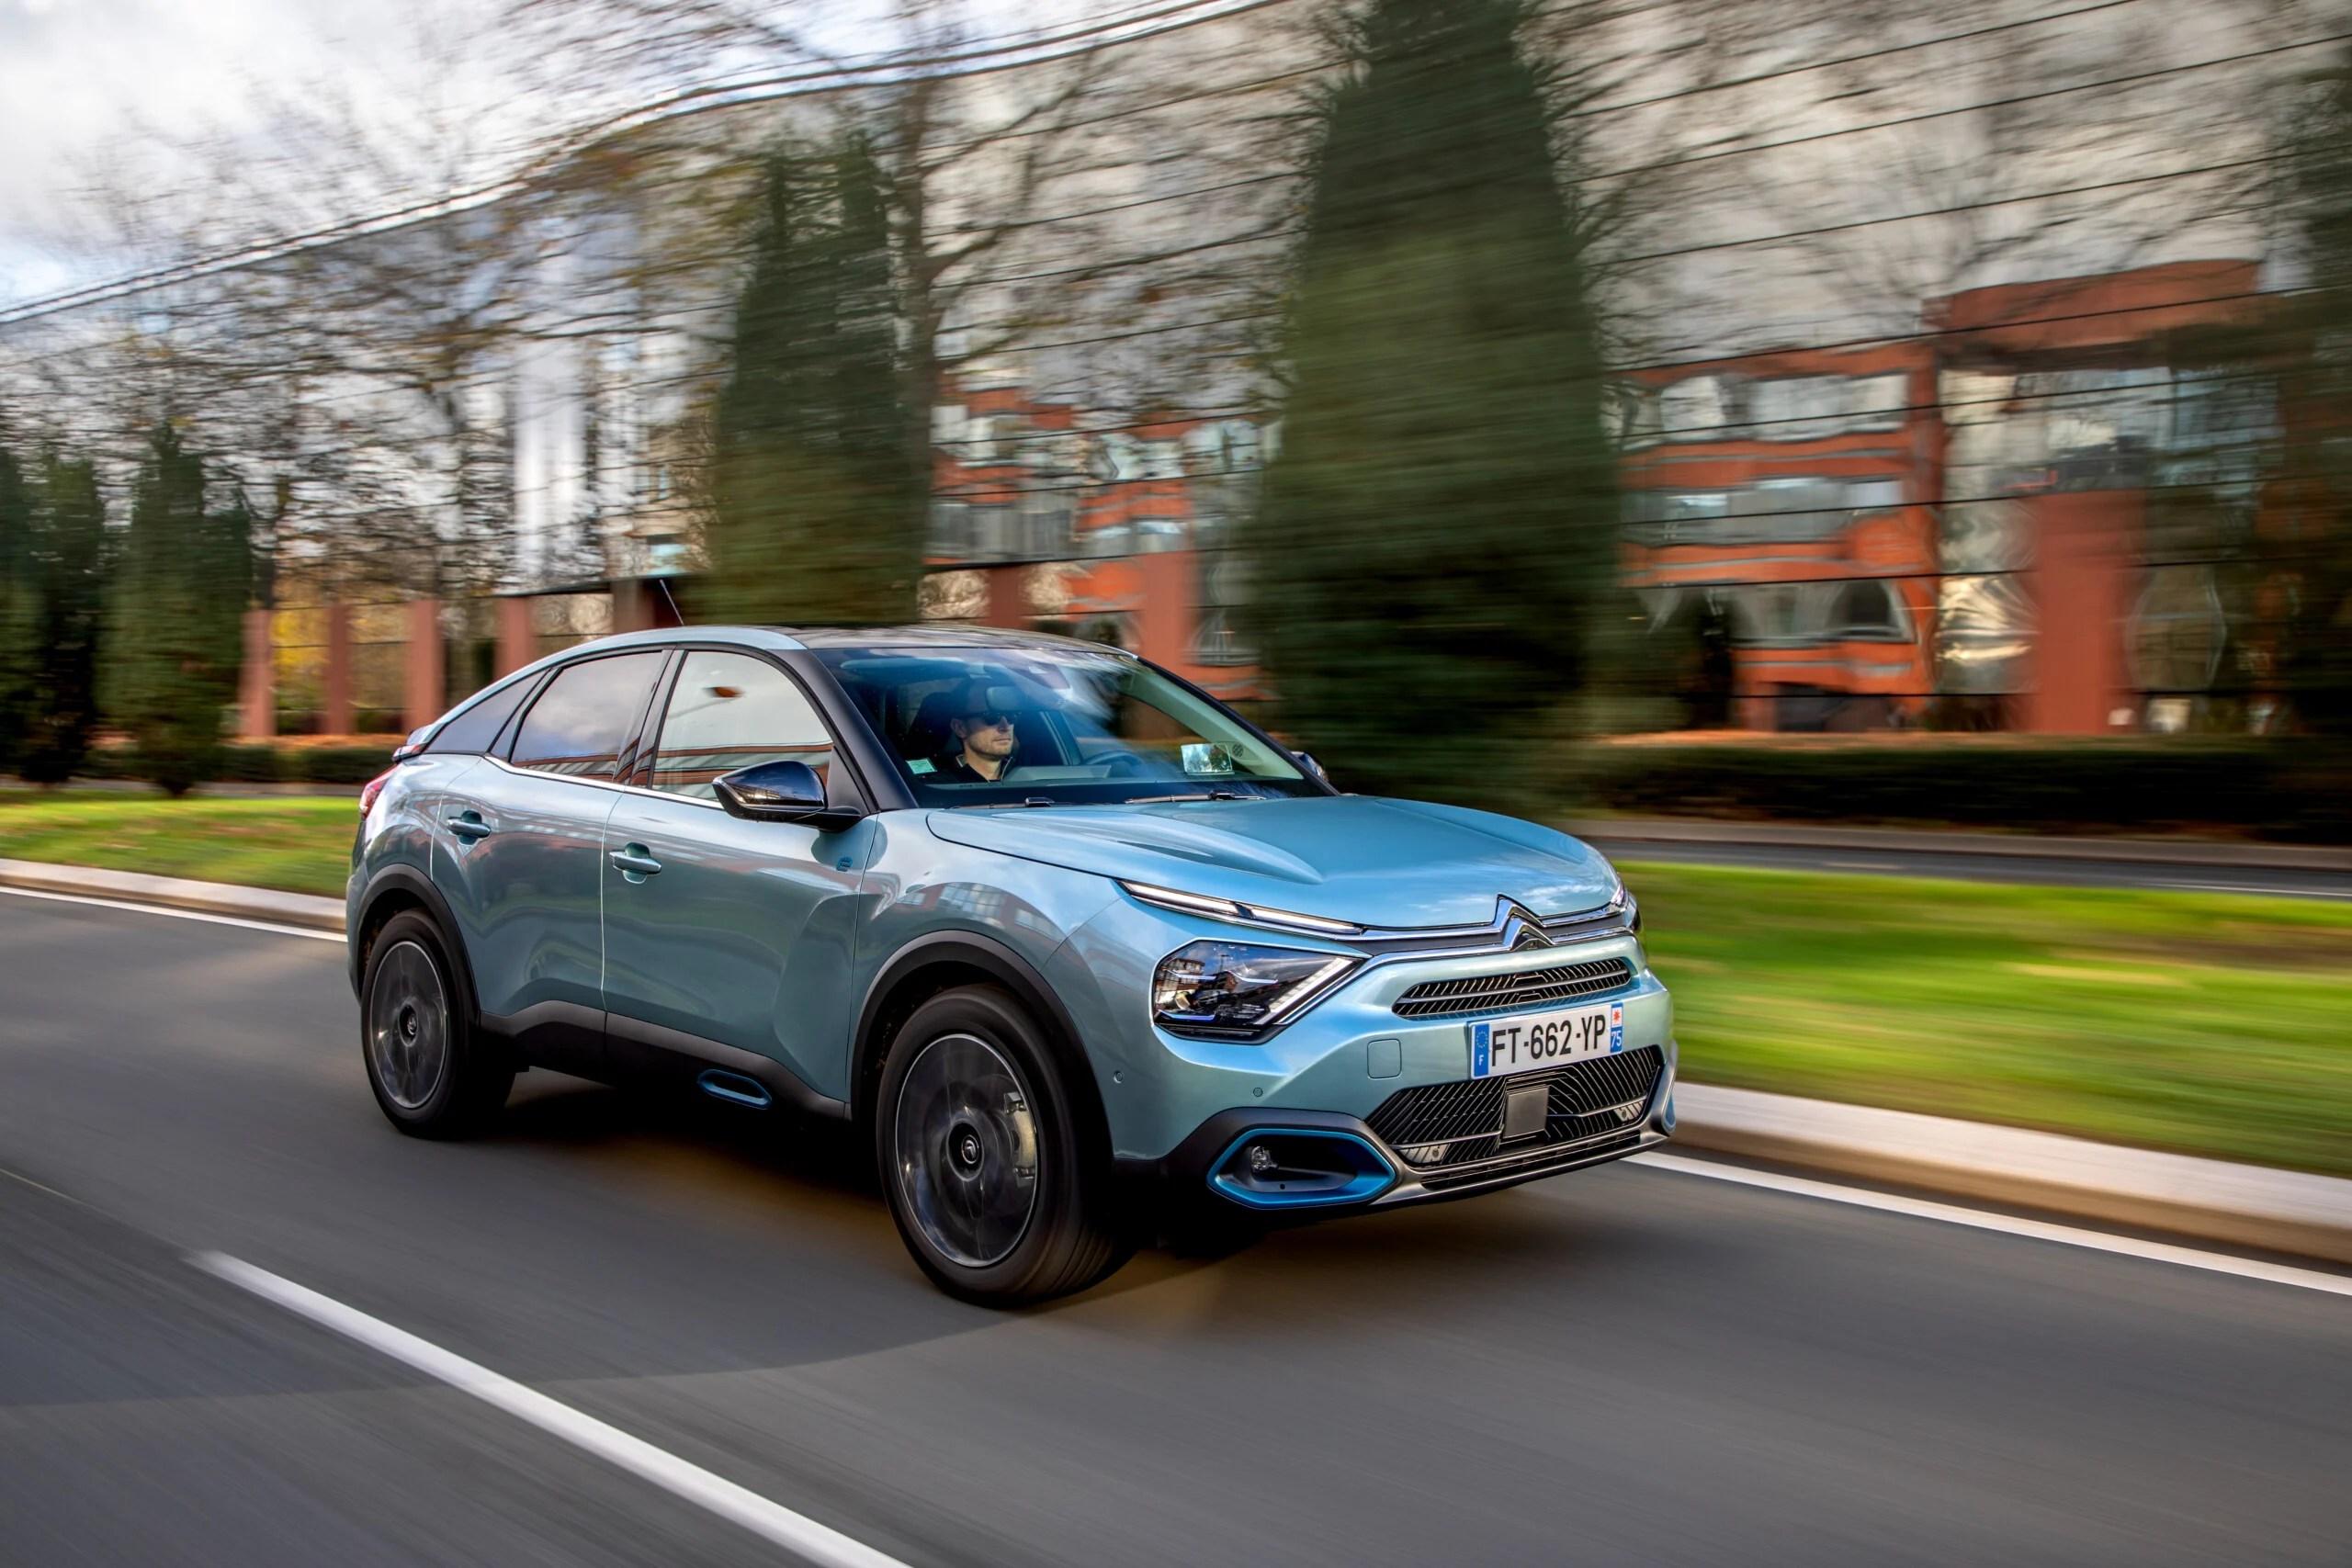 5 choses à savoir avant d'acheter une voiture électrique: l'exemple de la Citroën ë-C4